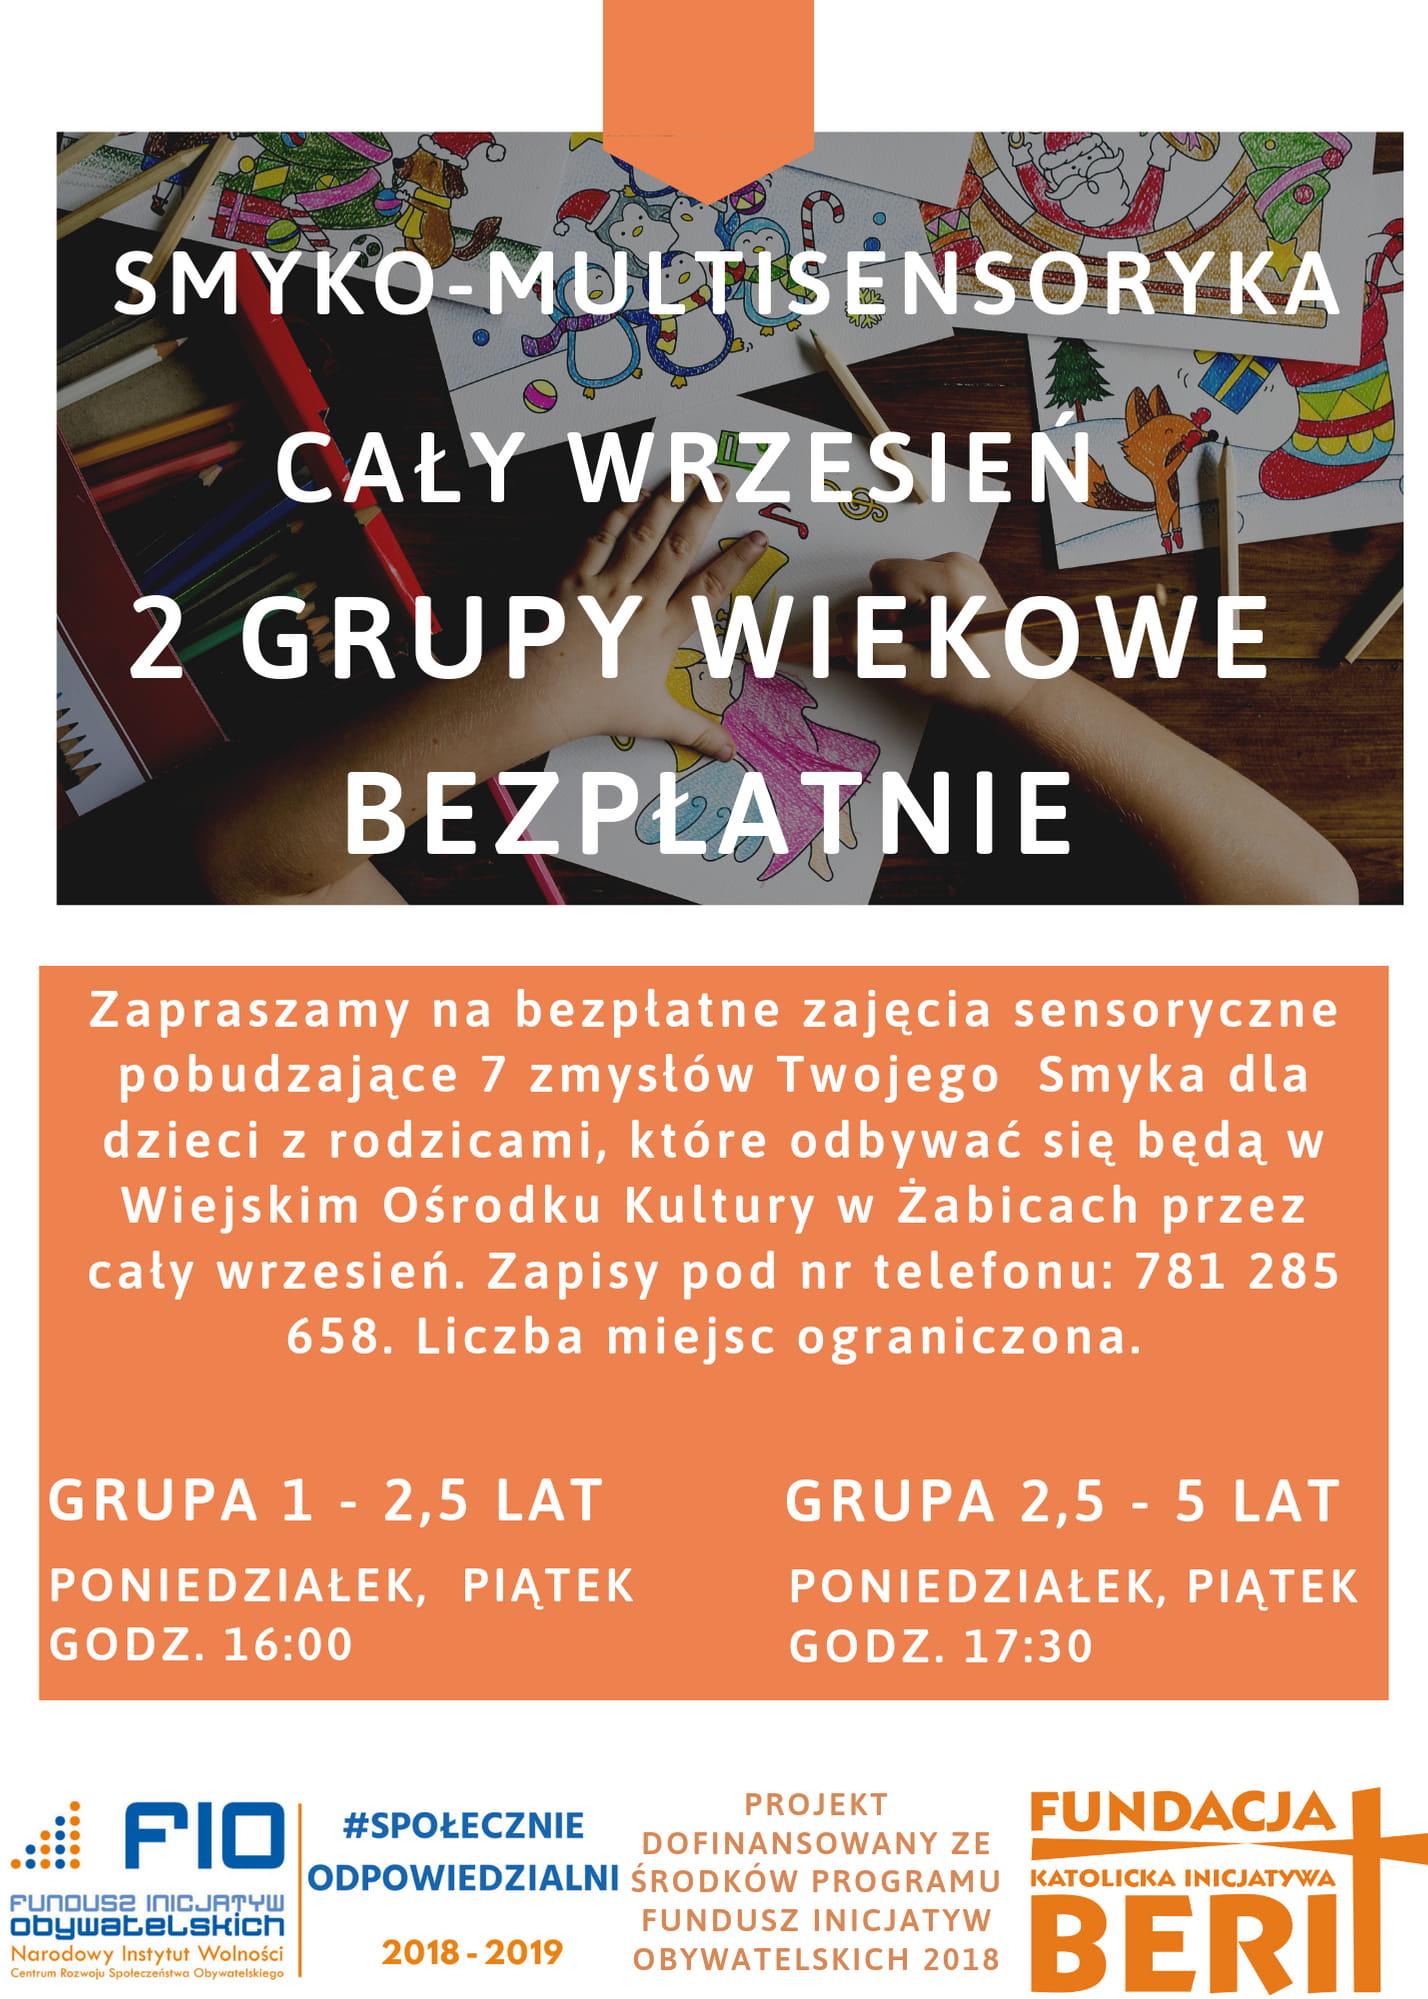 Bezpłatne zajęcia dla dzieci w Żabicach